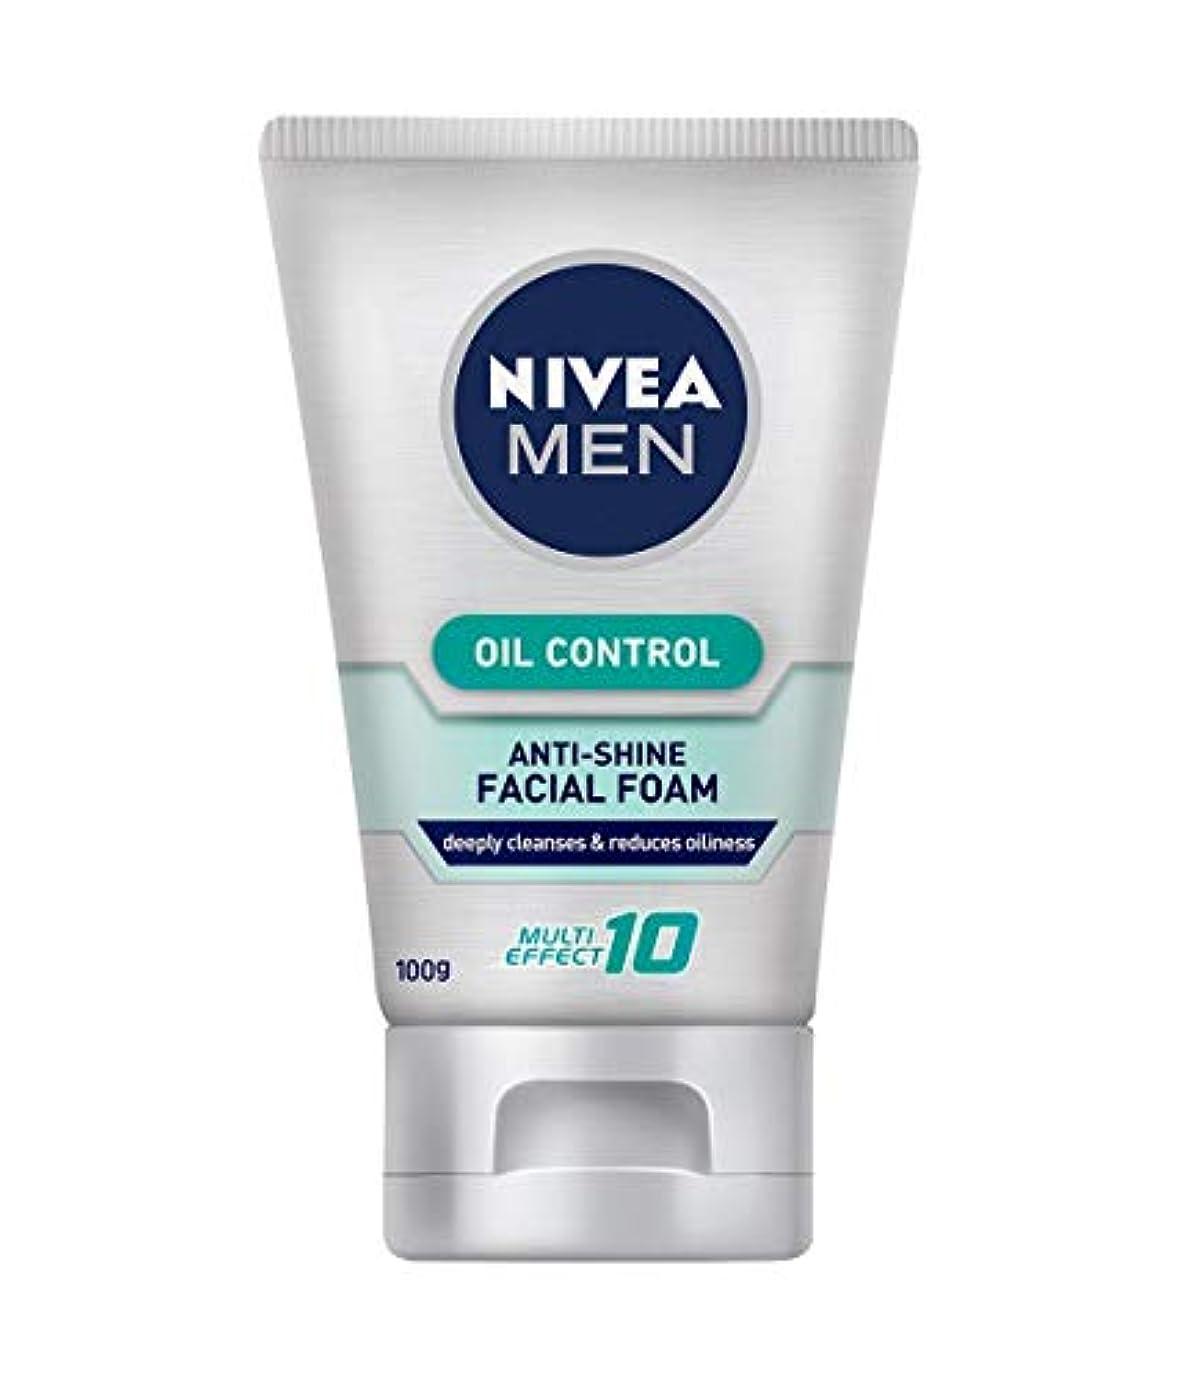 ルール瀬戸際晩ごはんNivea For Men オイルコントロールクレンザー百グラム、にきびの問題を軽減しながら、炎症を和らげます。